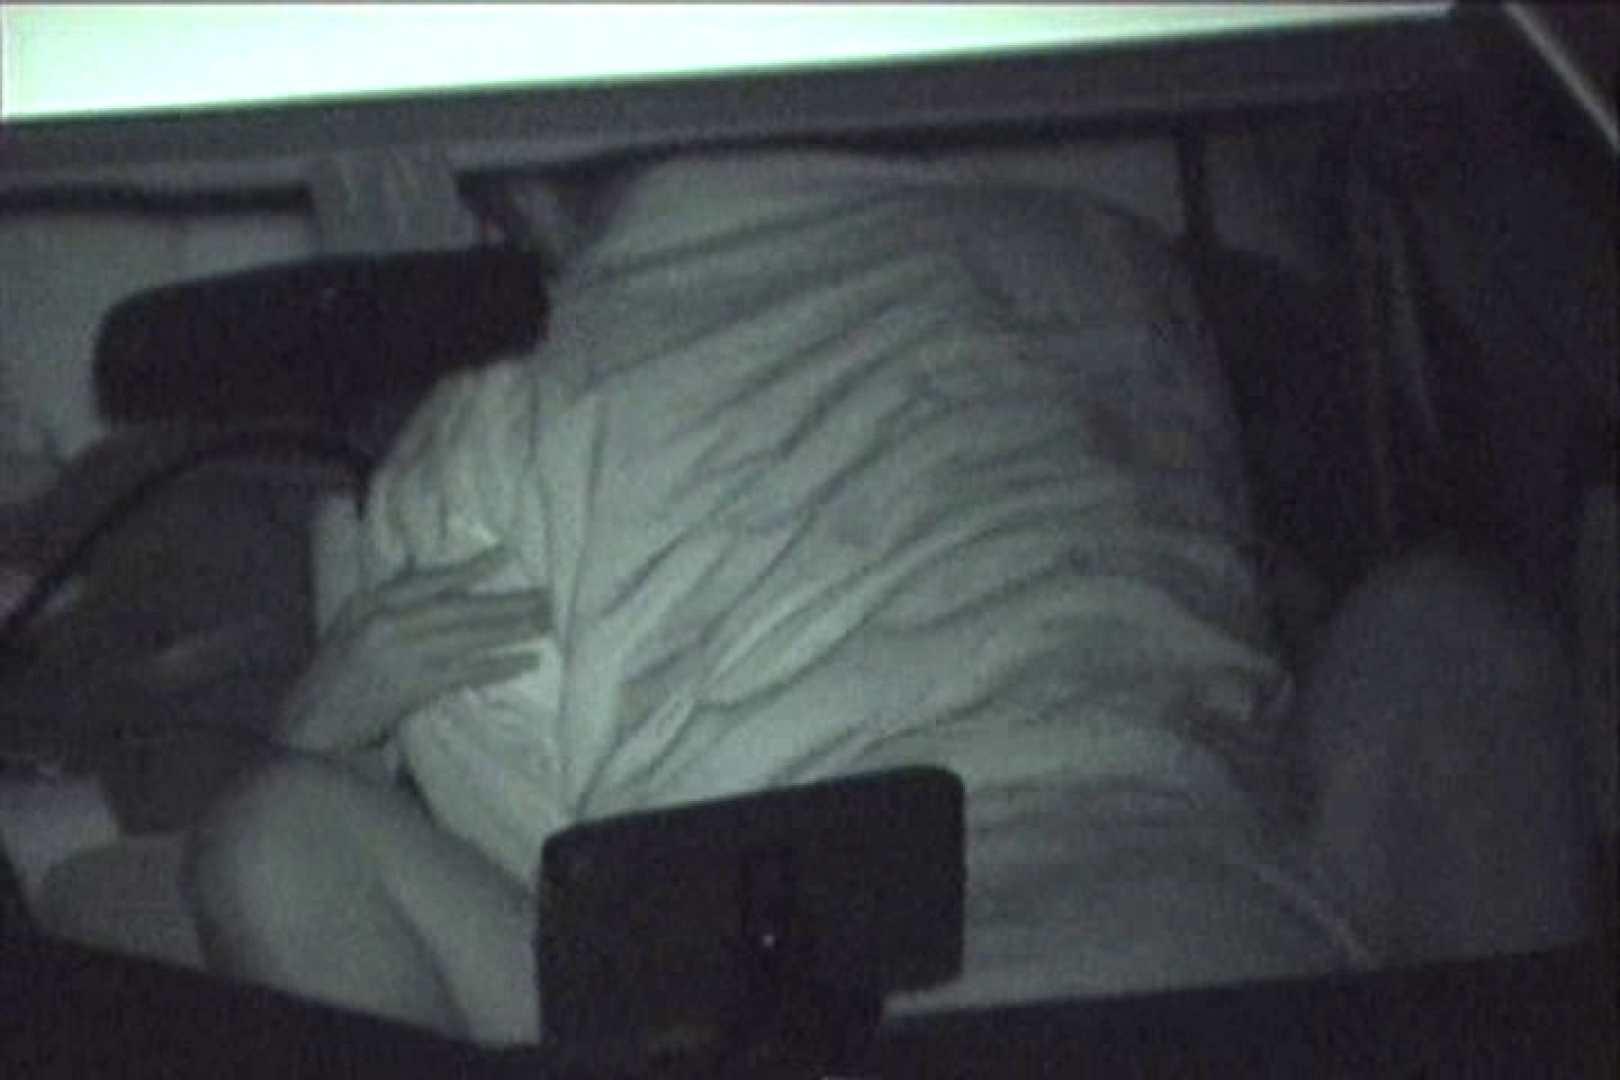 車の中はラブホテル 無修正版  Vol.21 車   ラブホテル  109画像 109